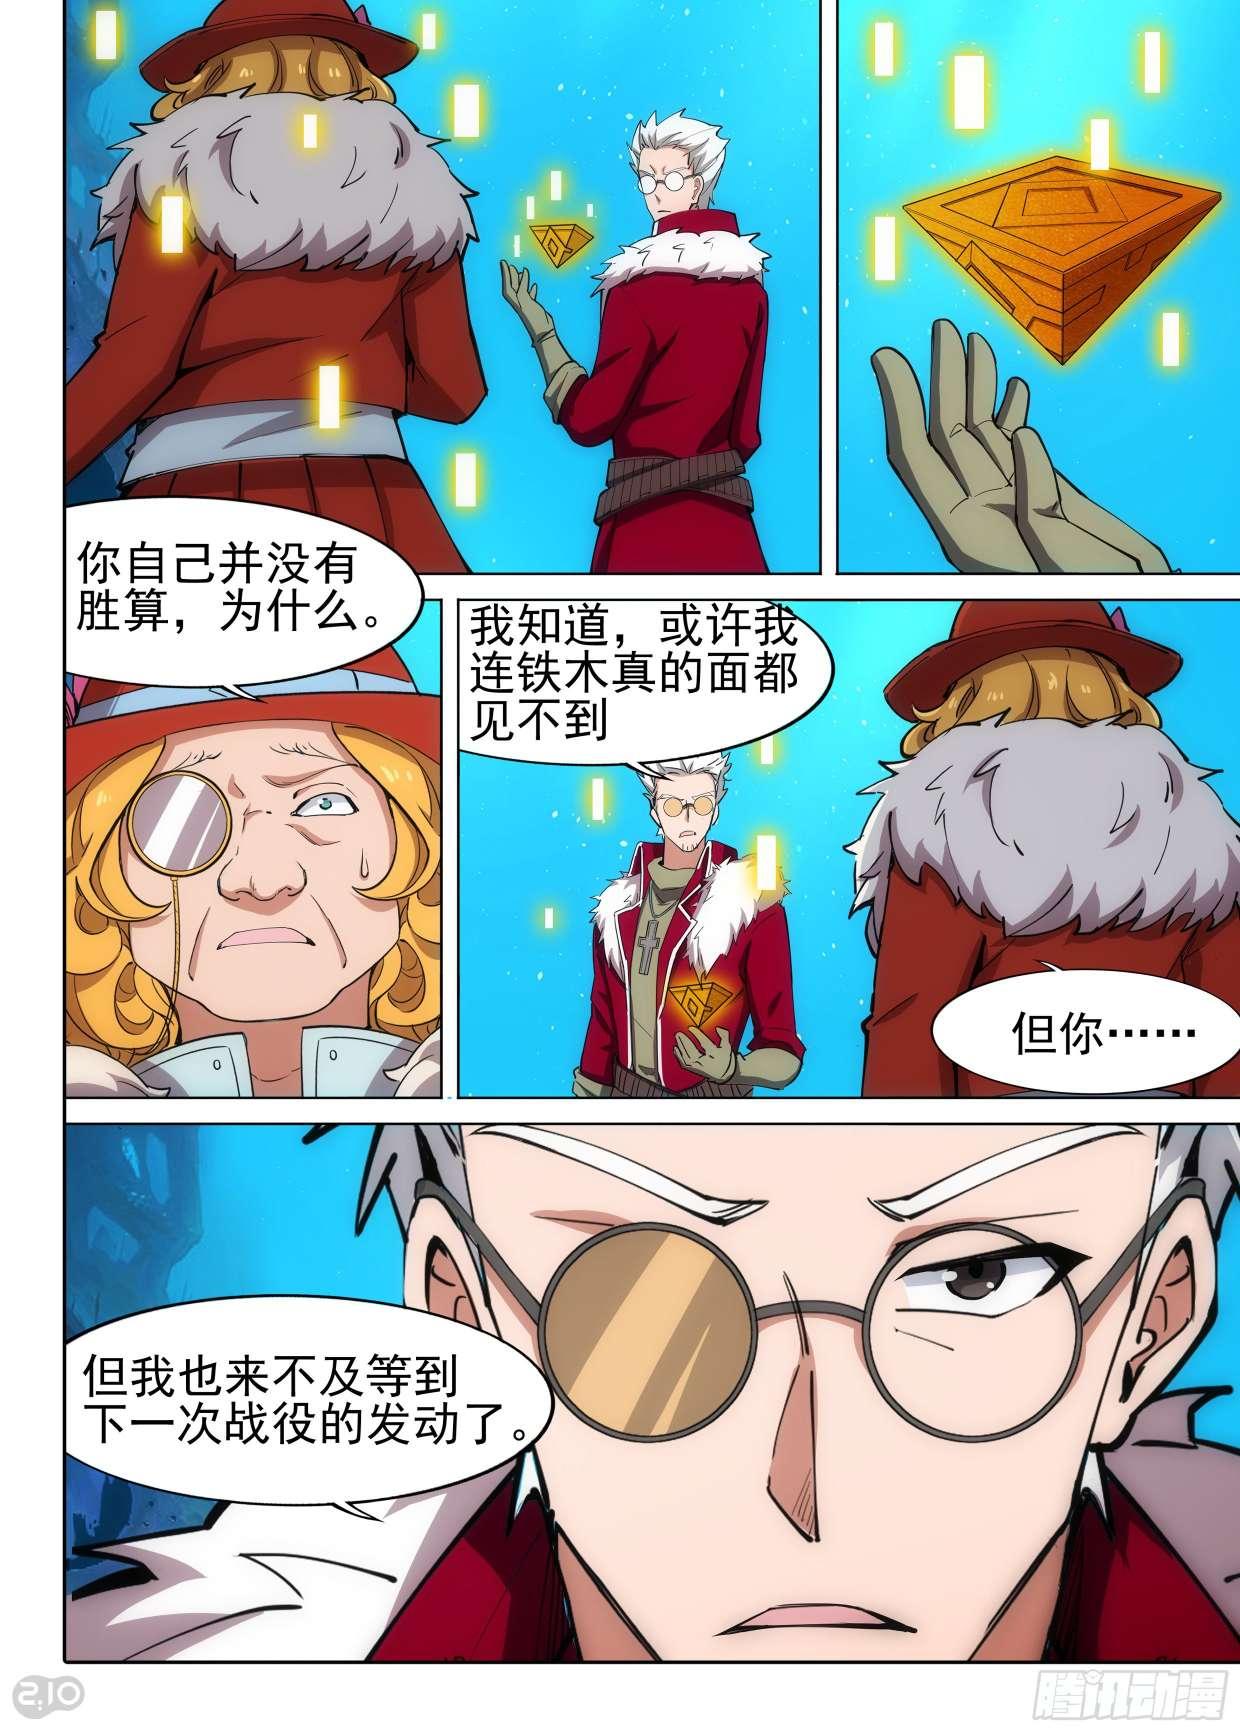 【漫画更新】银之守墓人   第616墓